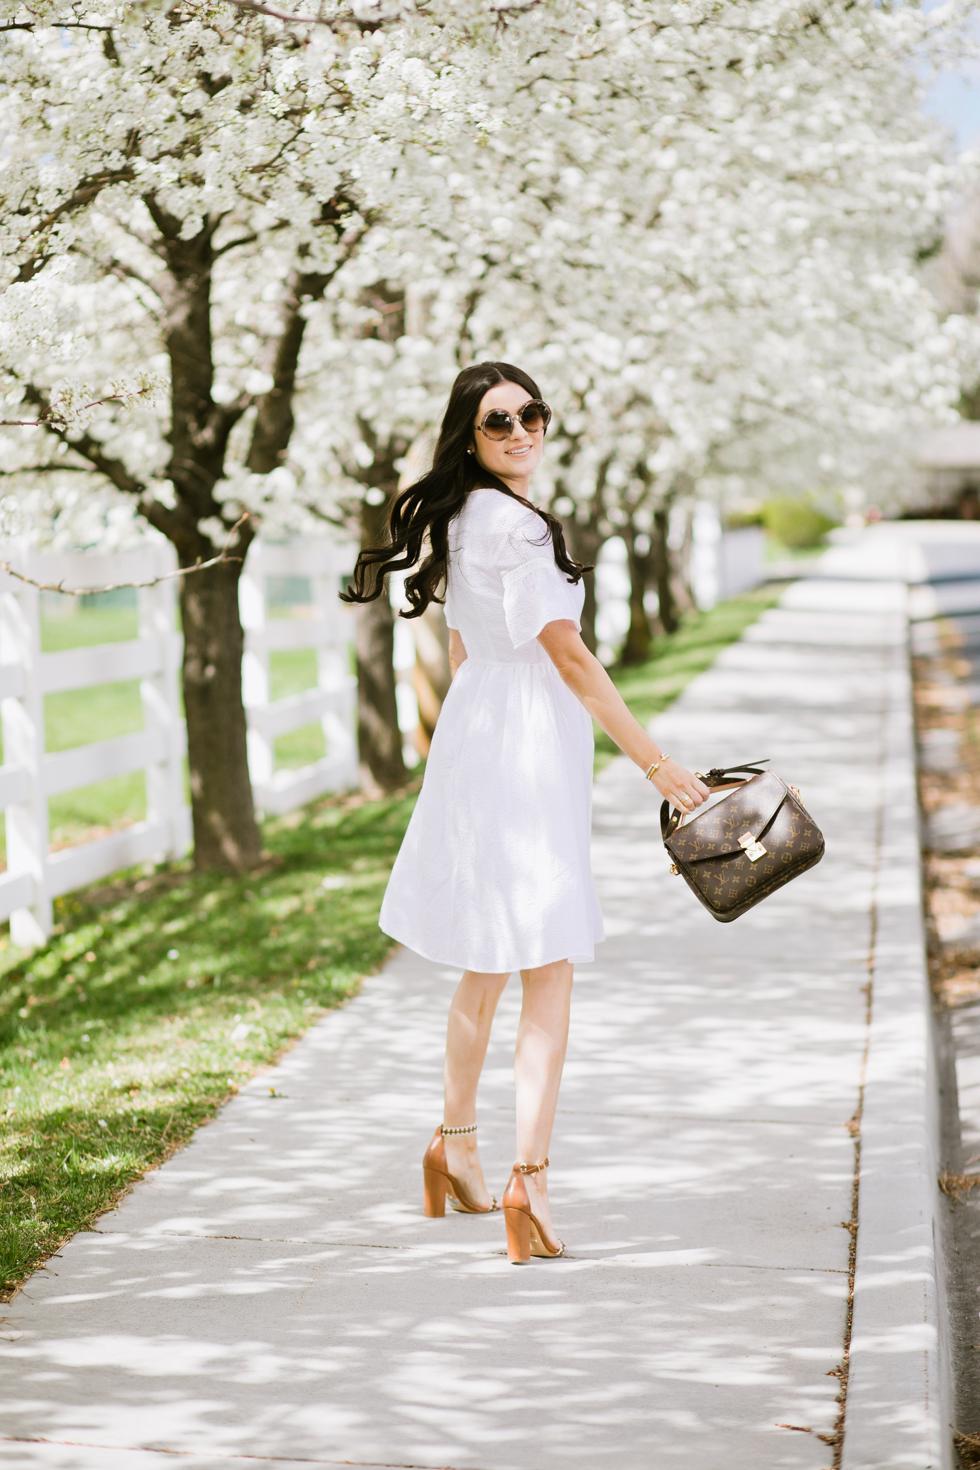 white-seer-sucker-dress-rachel-parcell - 2